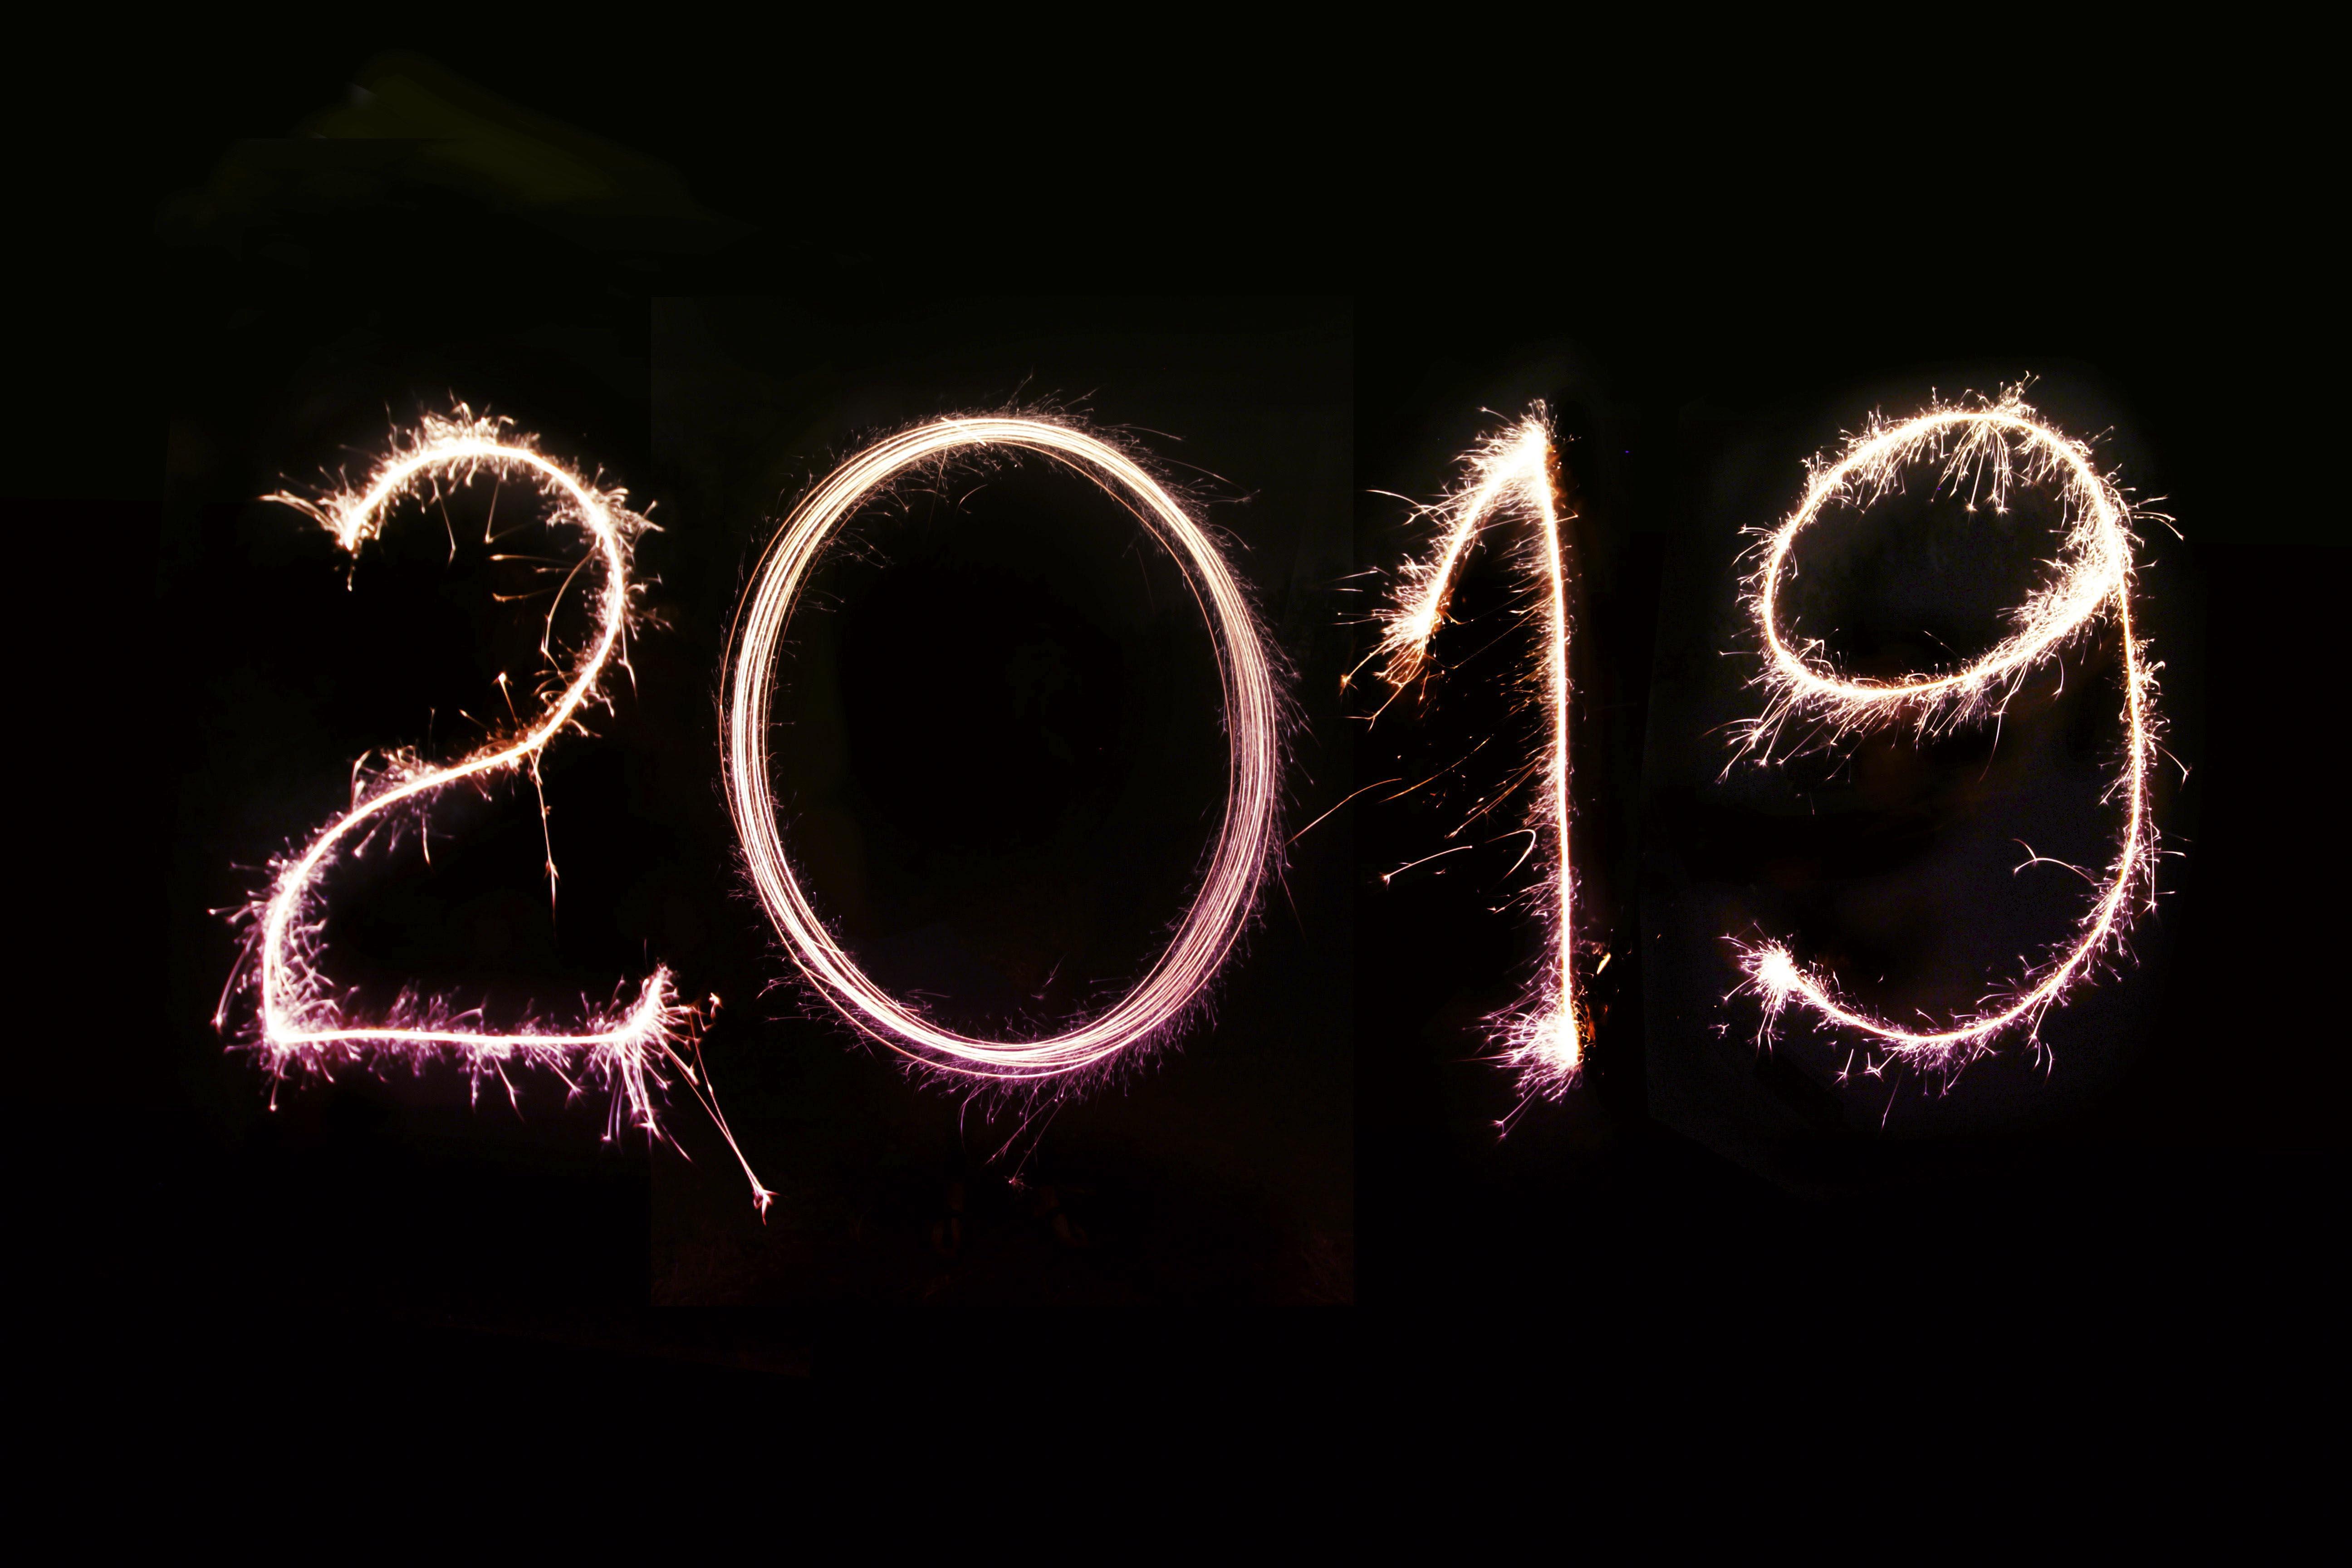 Nein sagen tut 2019 gut